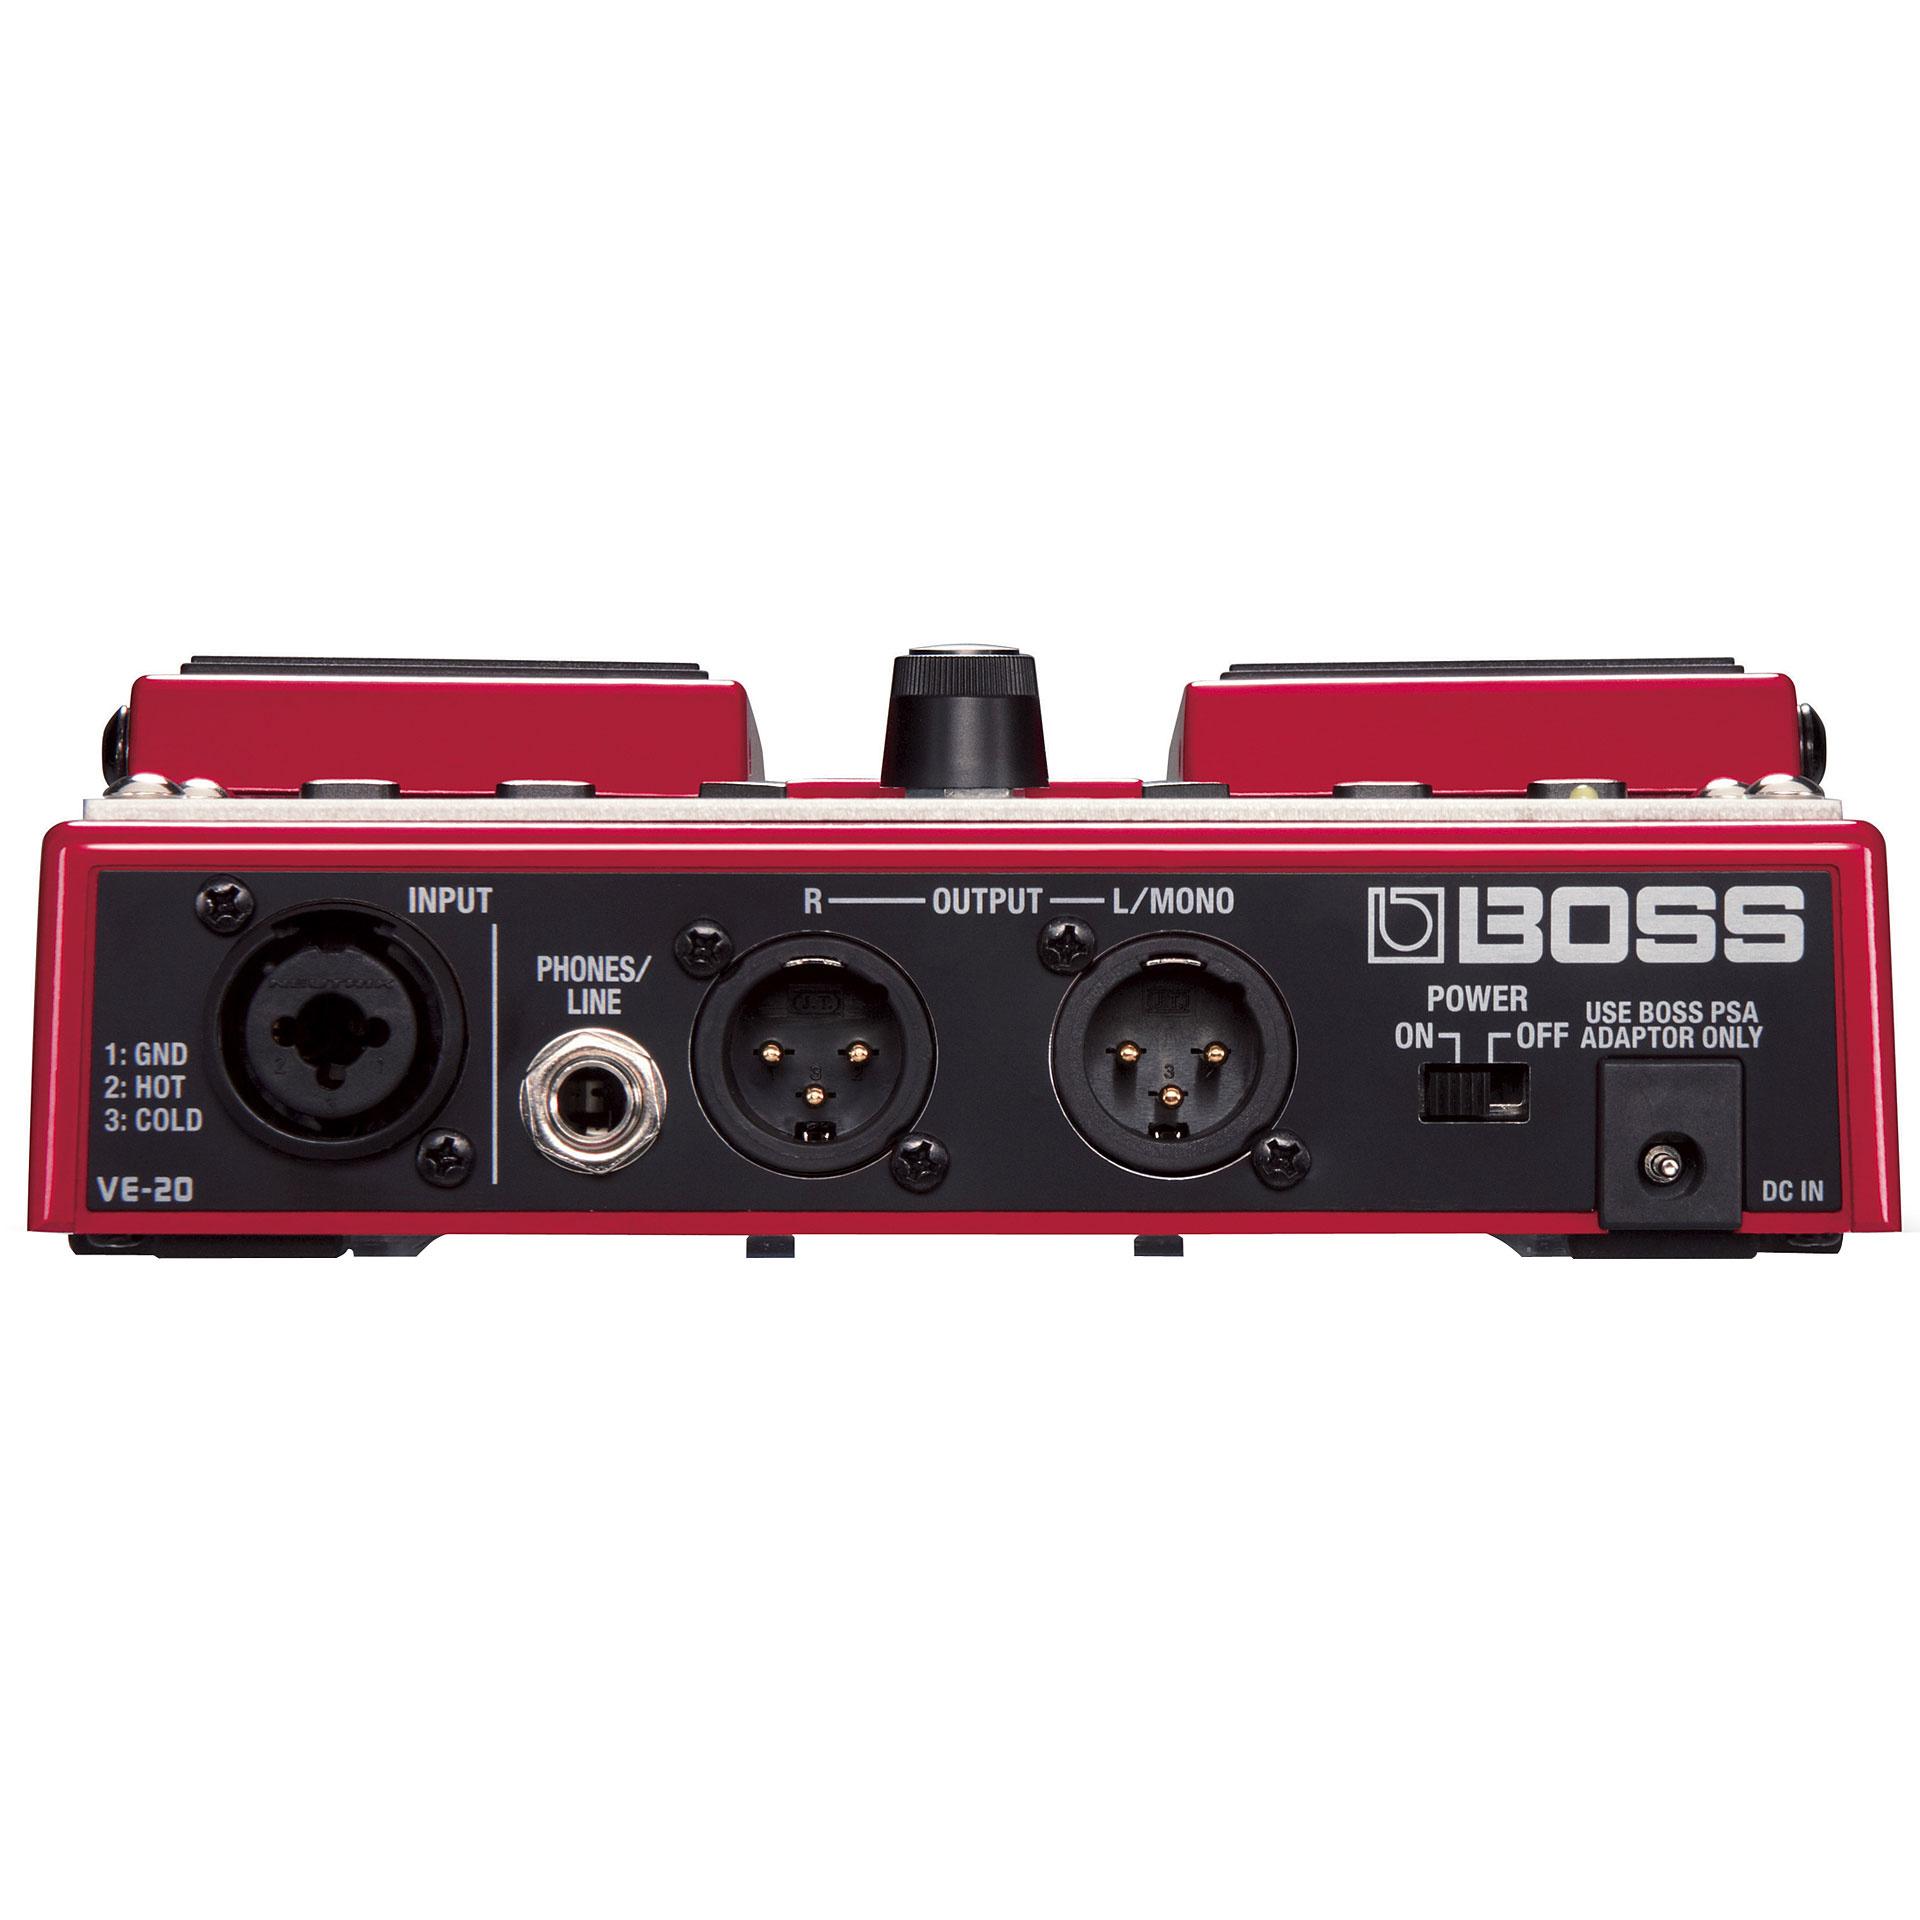 Boss Boss VE-20 Vocal Performer